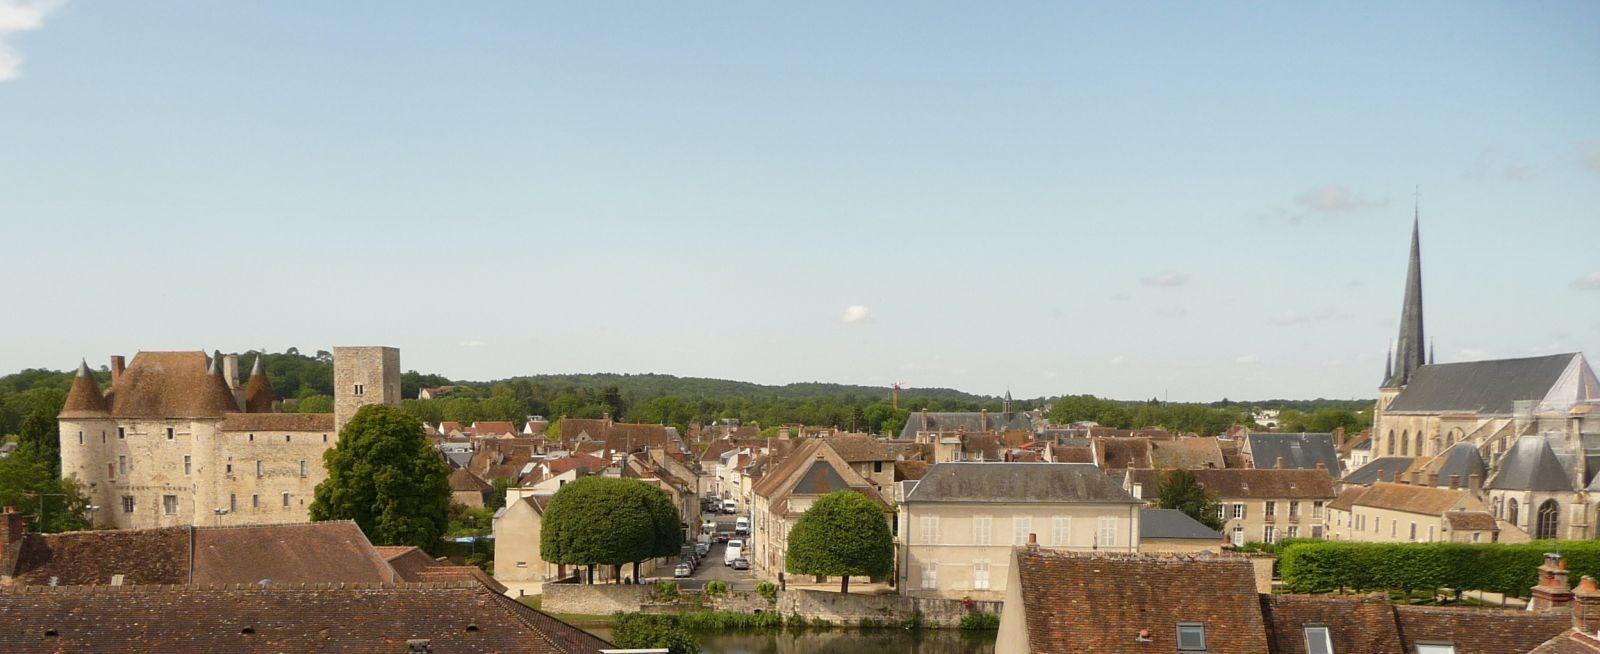 Vue panoramique sur le centre historique de Nemours. ©Yvonnick Féasson